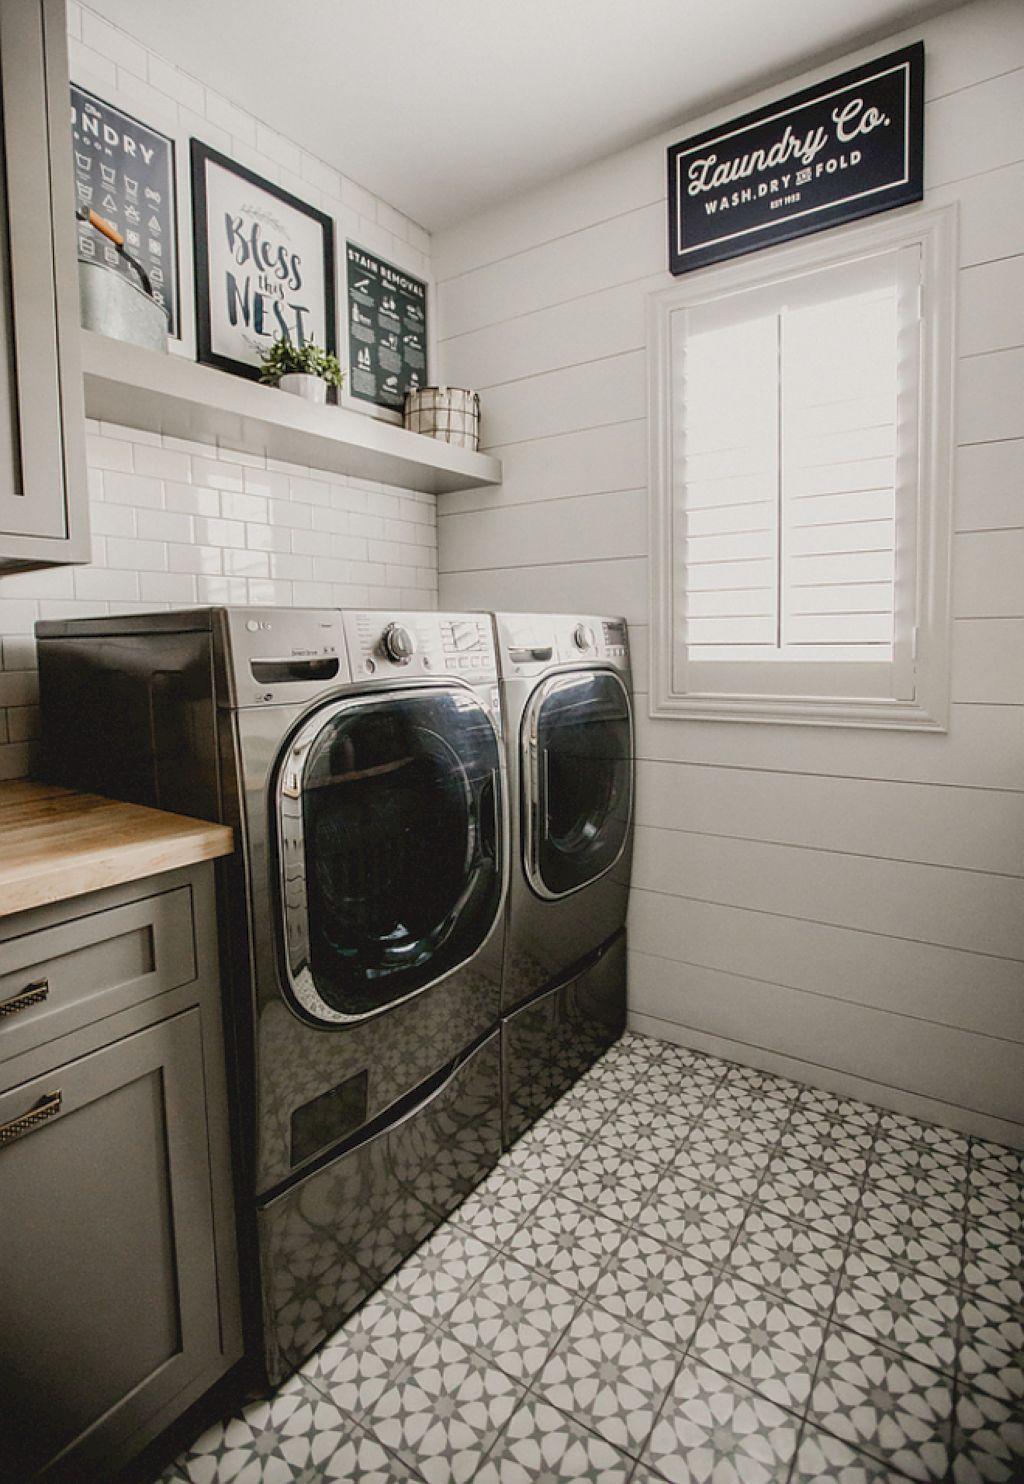 Adorable 30 Best Modern Farmhouse Laundry Room Decor Ideas Https Homeylife Com 30 Farmhouse Laundry Room Tile Laundry Room Inspiration Laundry Room Makeover